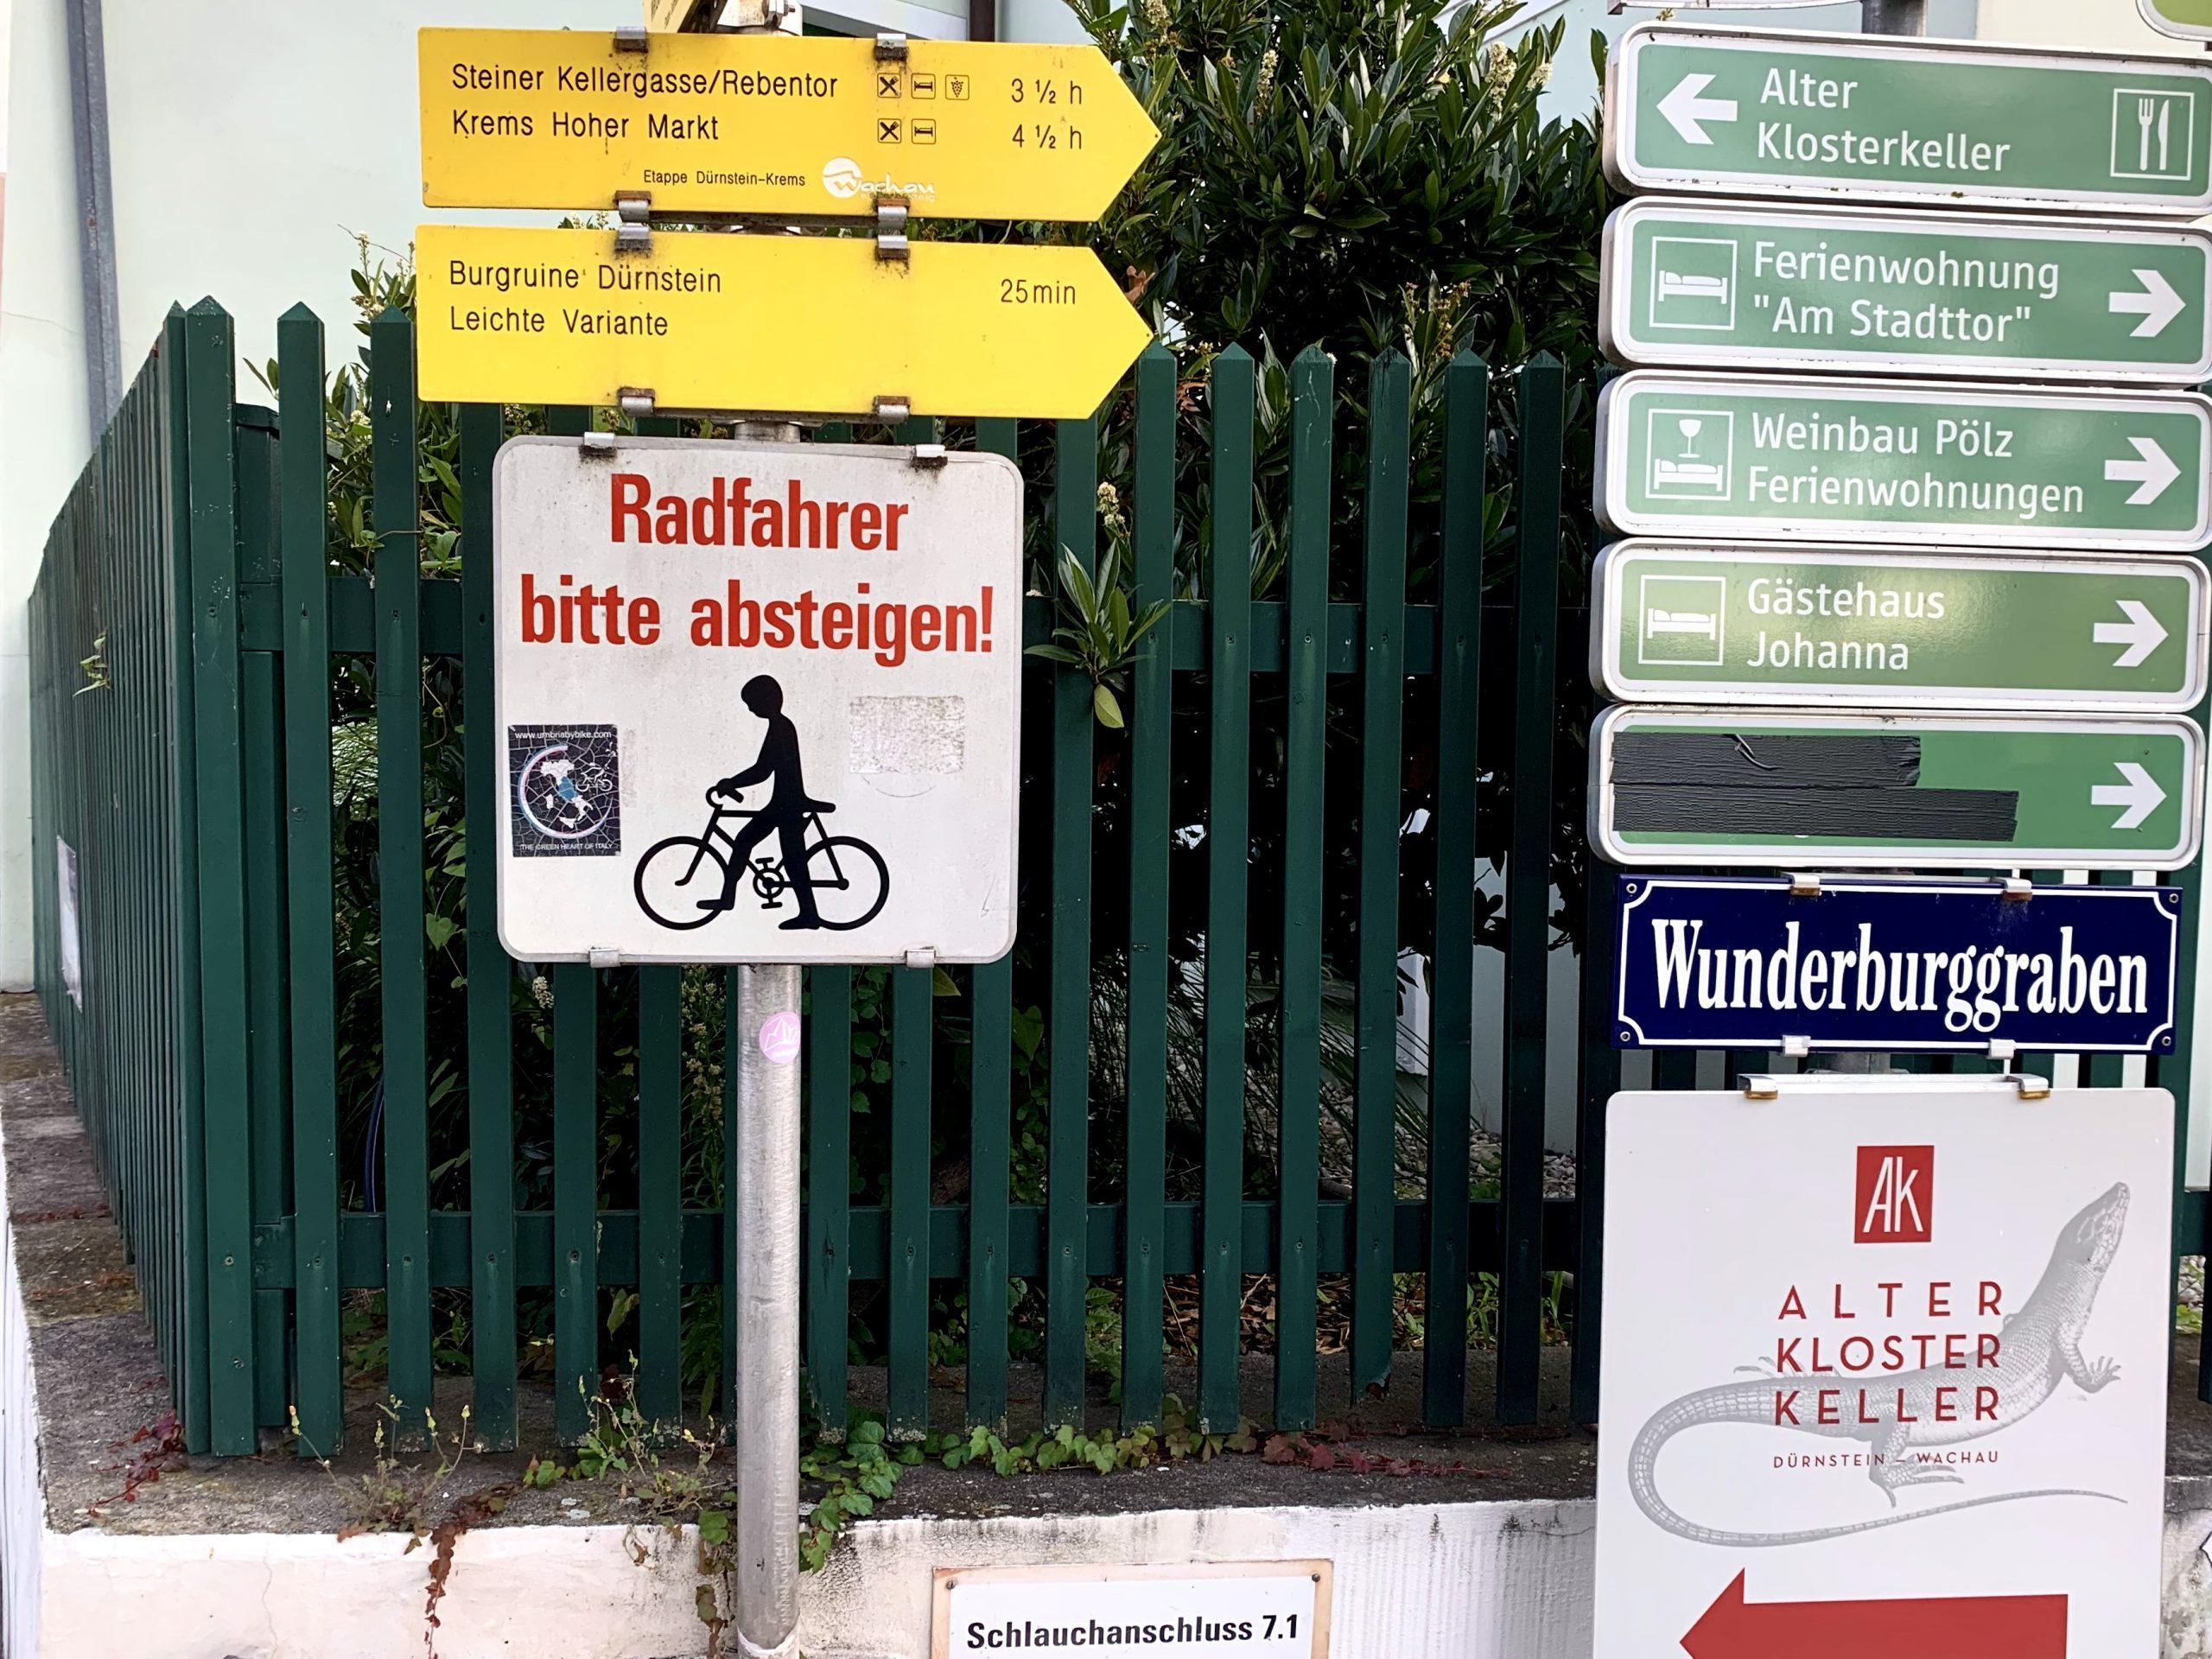 Abzweigung zum leichten Weg auf die Burgruine Dürnstein